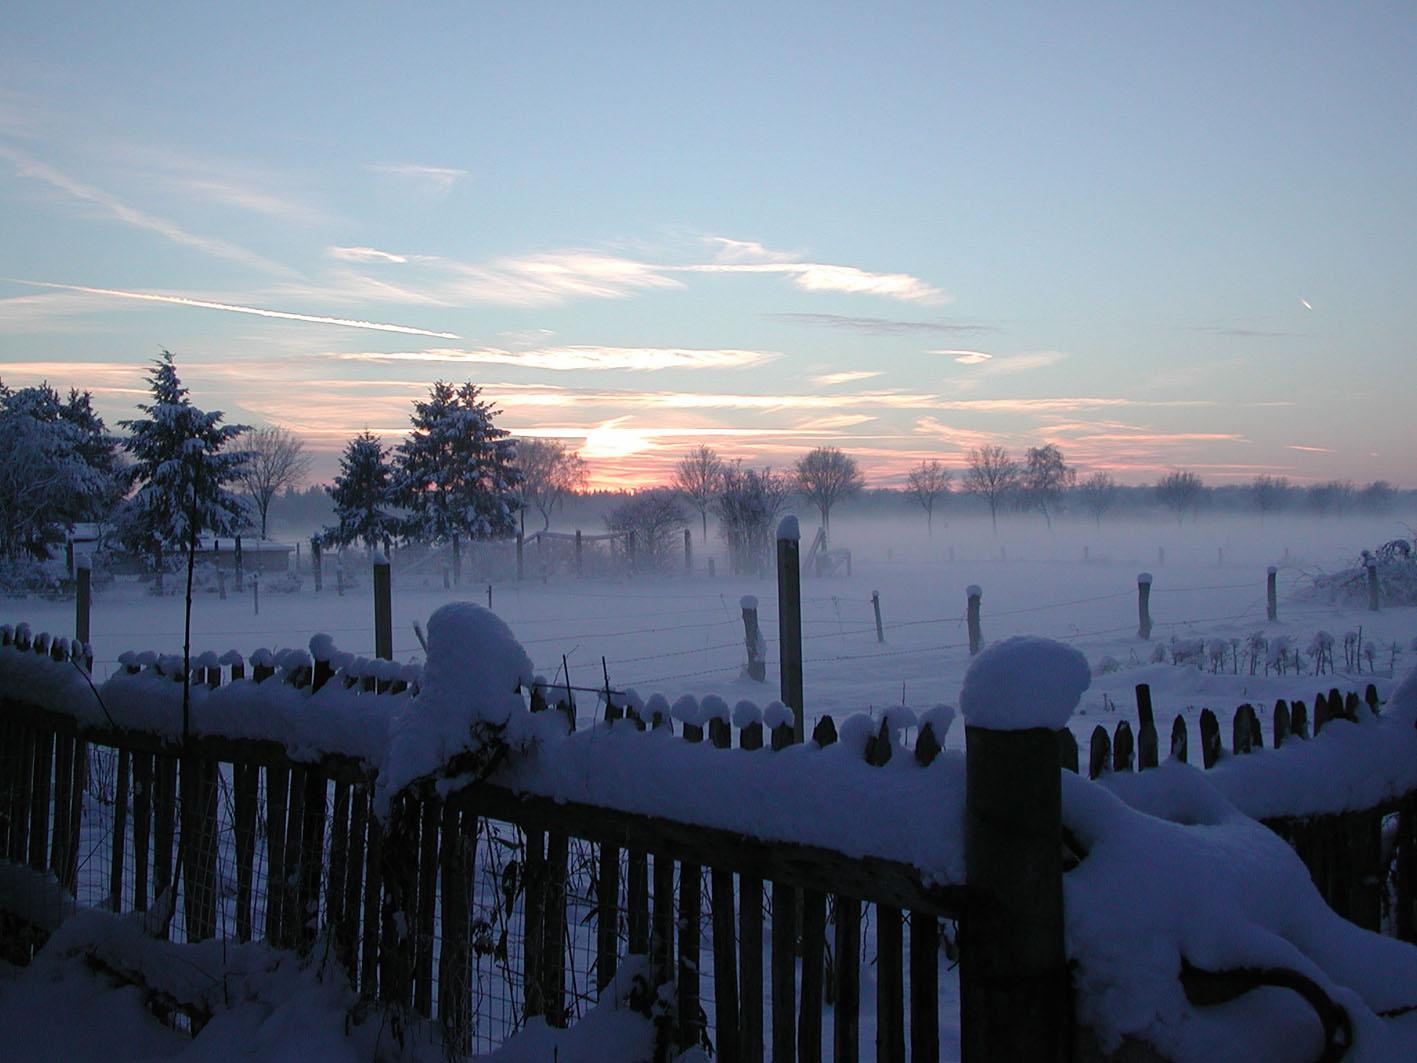 Winterlandschaft in Hedern bei Rethem / Bild: Margret Dannemann-Jarchow